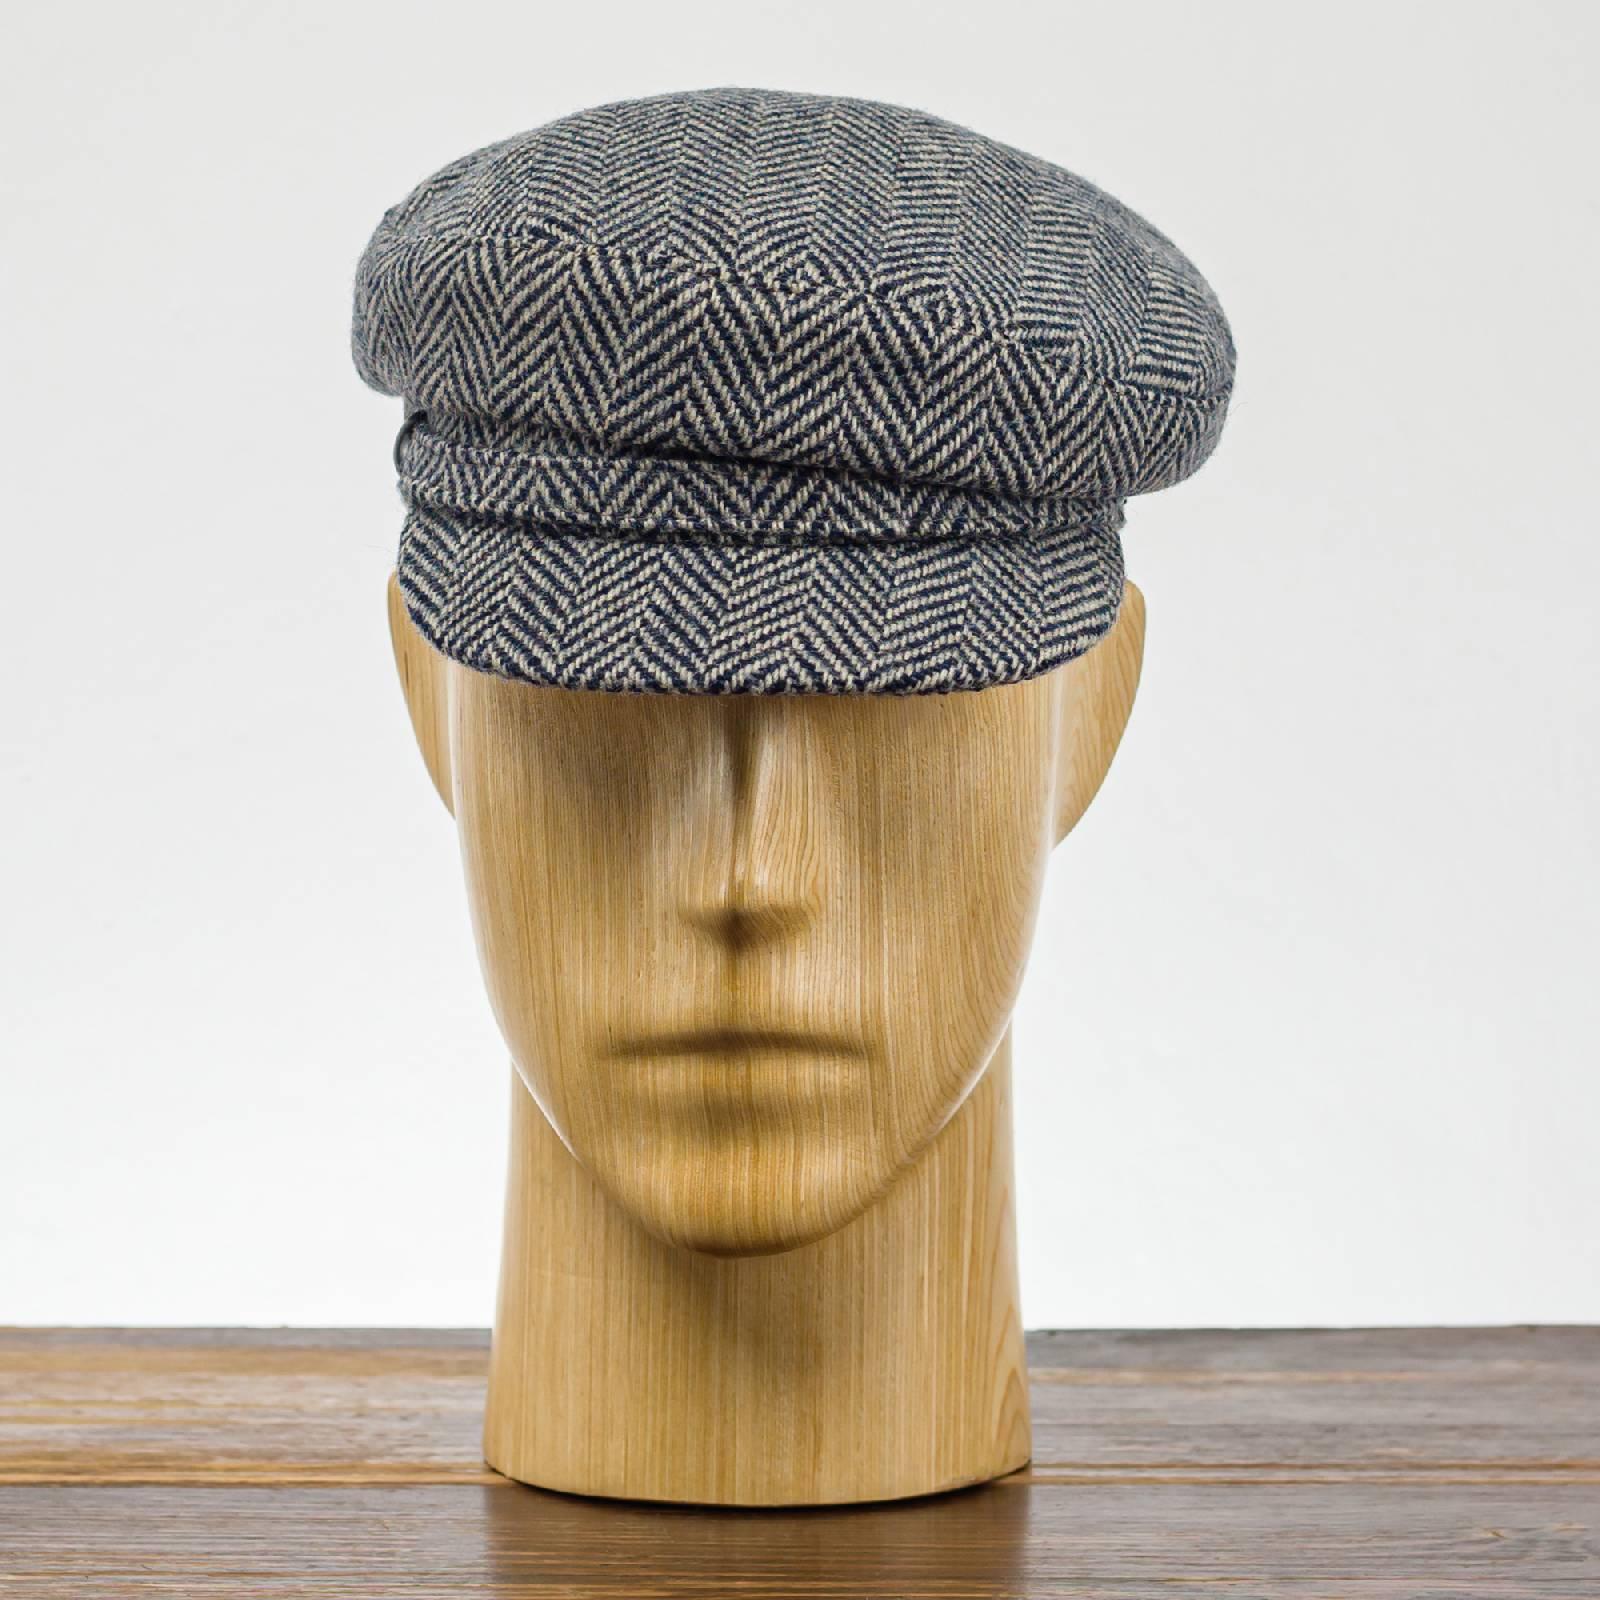 Pireus - Mütze mit schirm, Segelhüte, damenmütze, mützen für männer